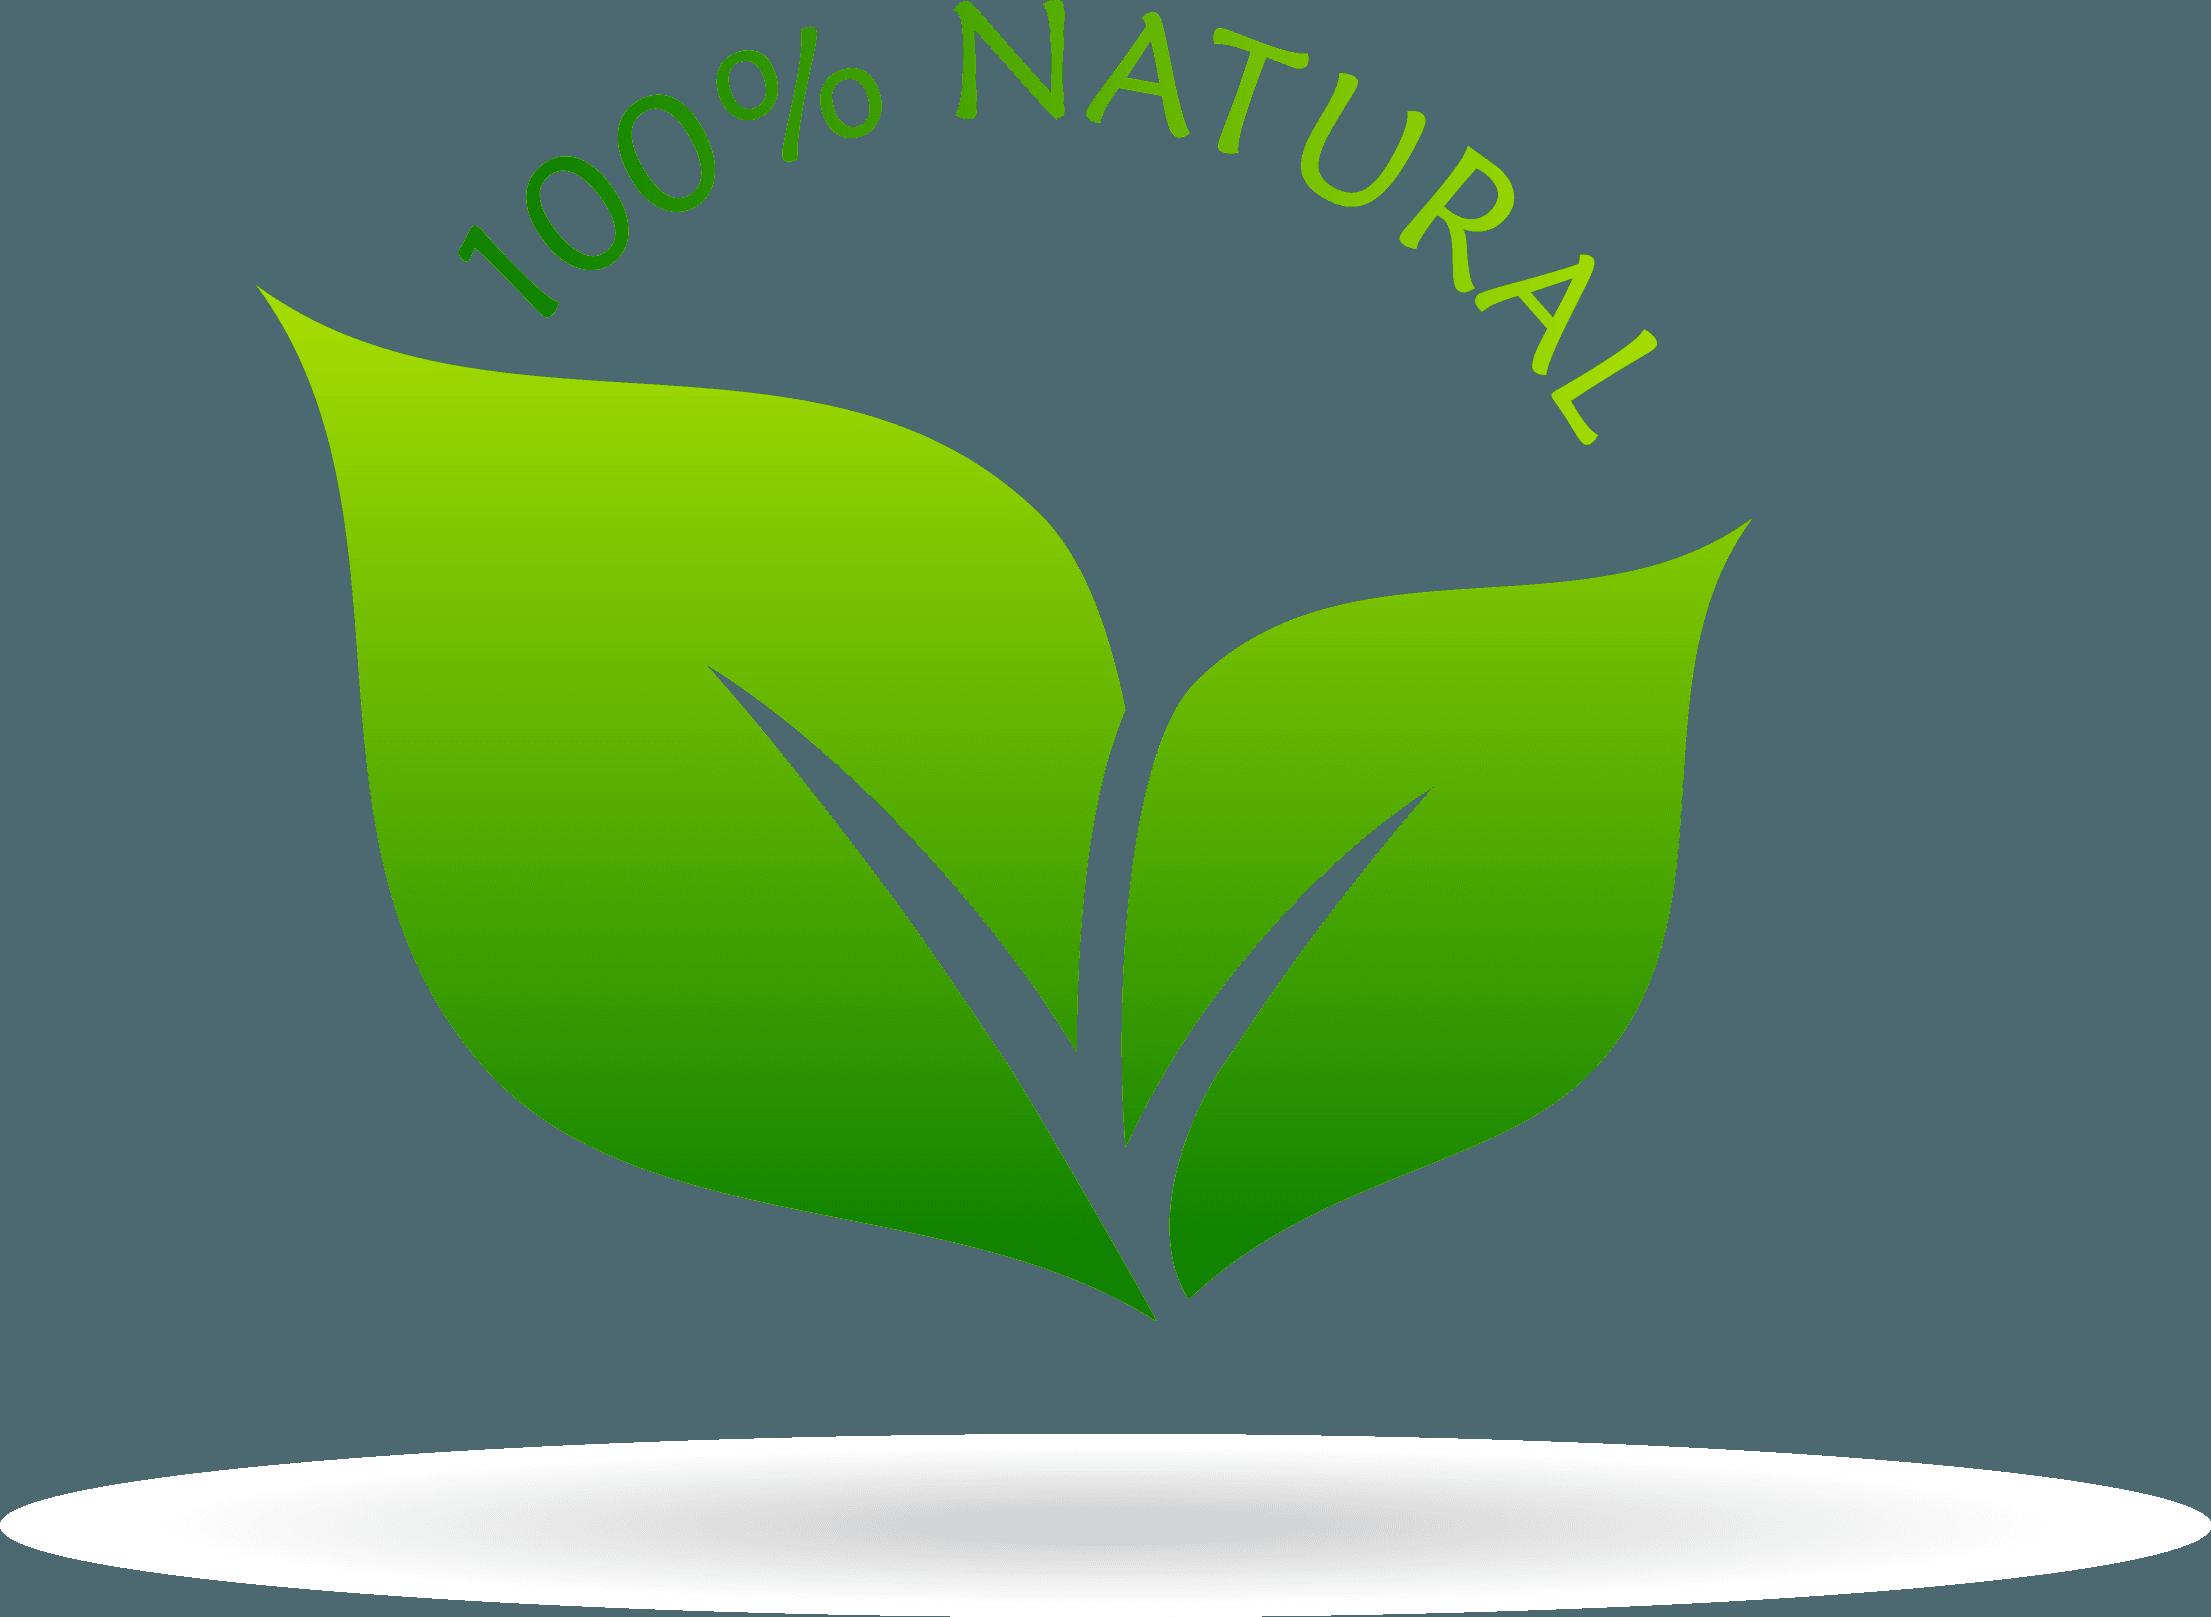 Icona 100% Natural con foglie verdi